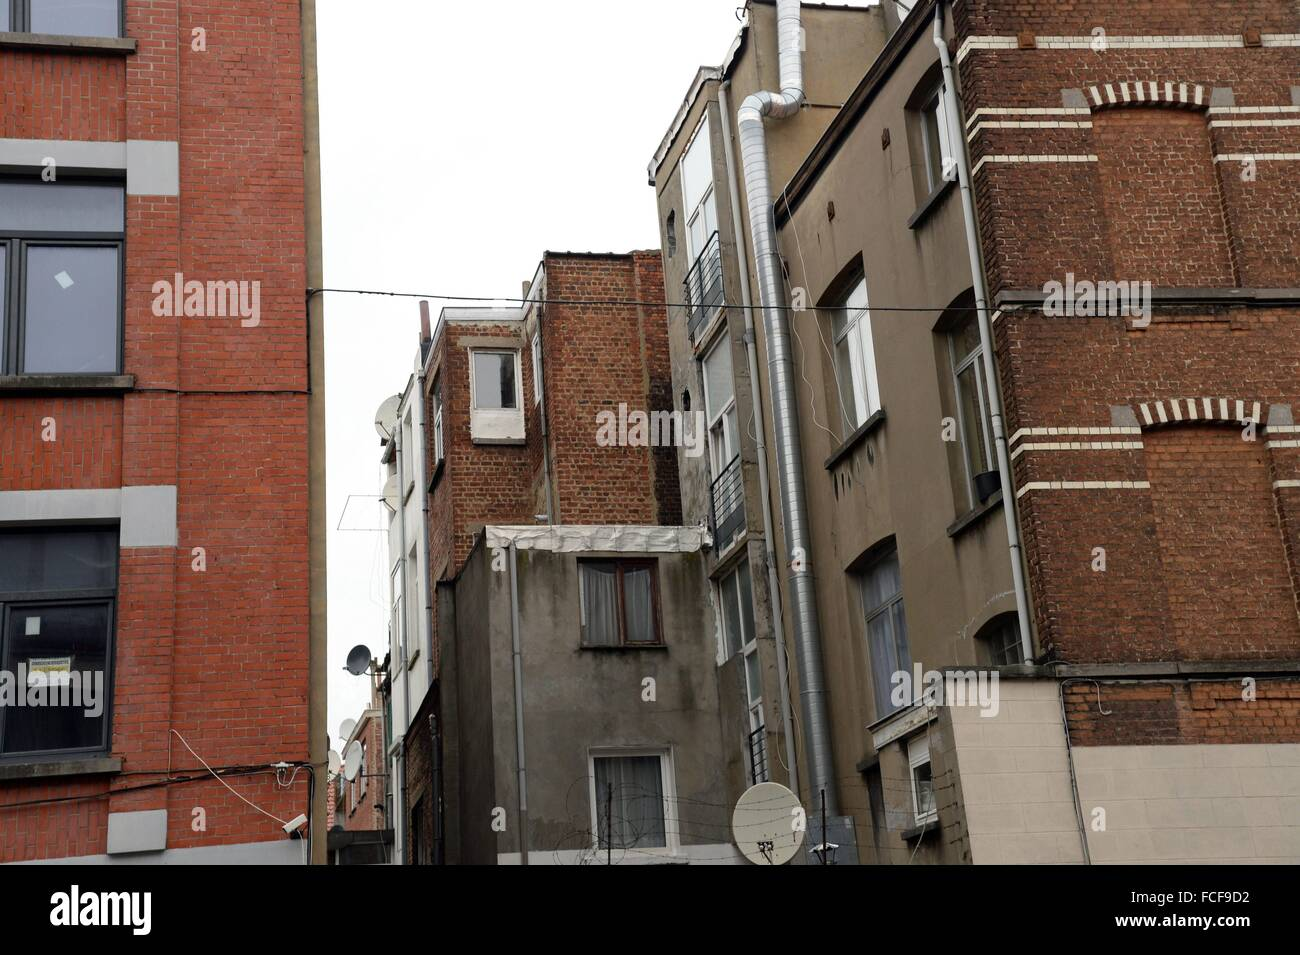 street scene in Brussels Molenbeek, Jan. 9, 2016. - Stock Image